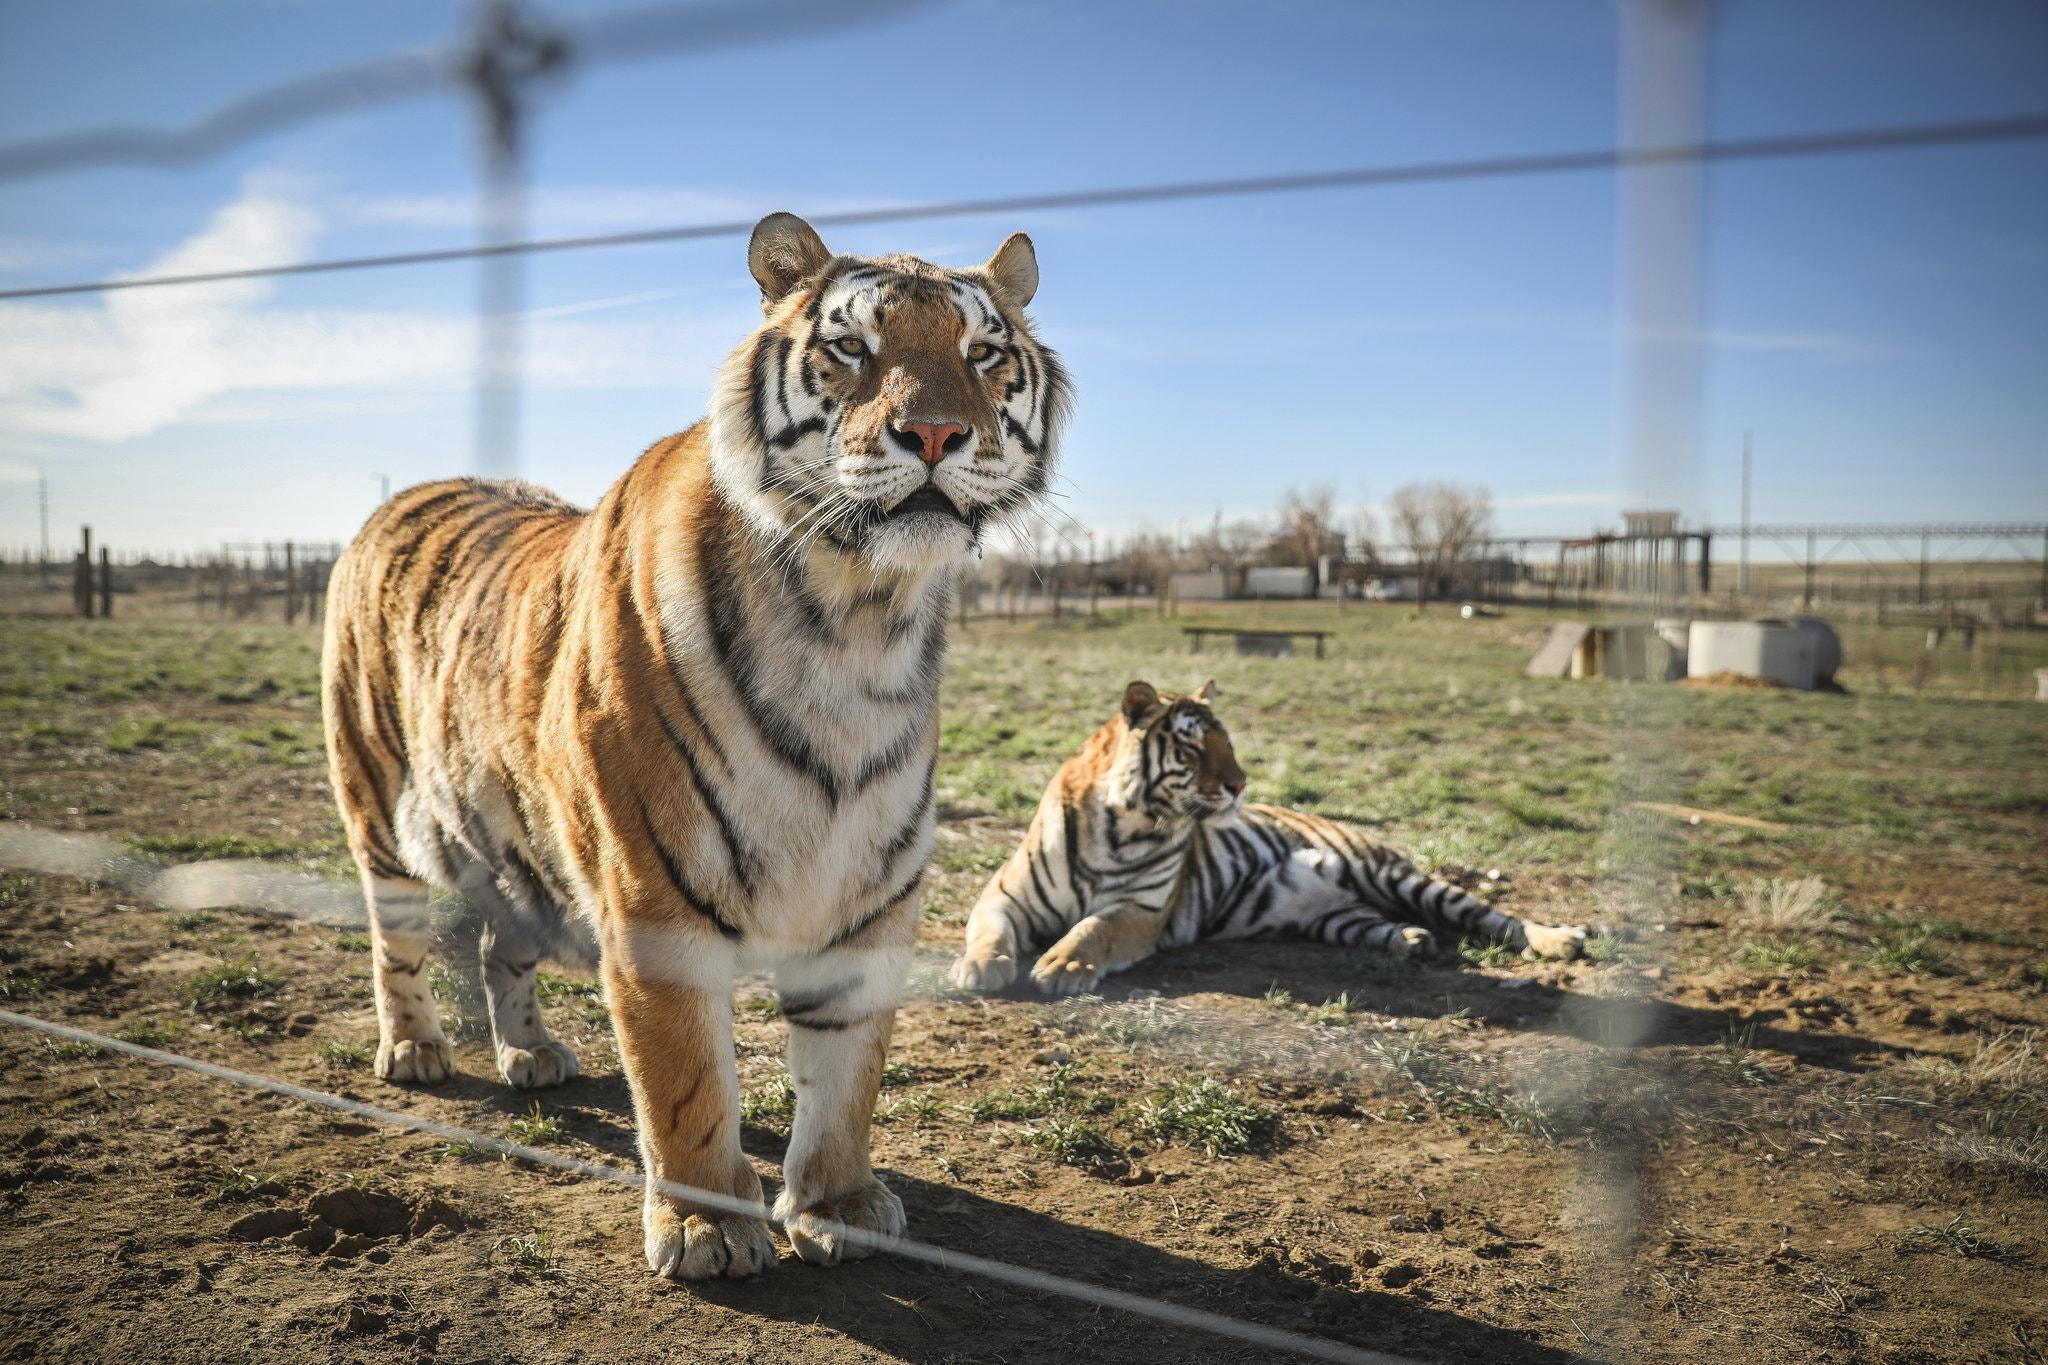 zoo-tiger-king-netflix